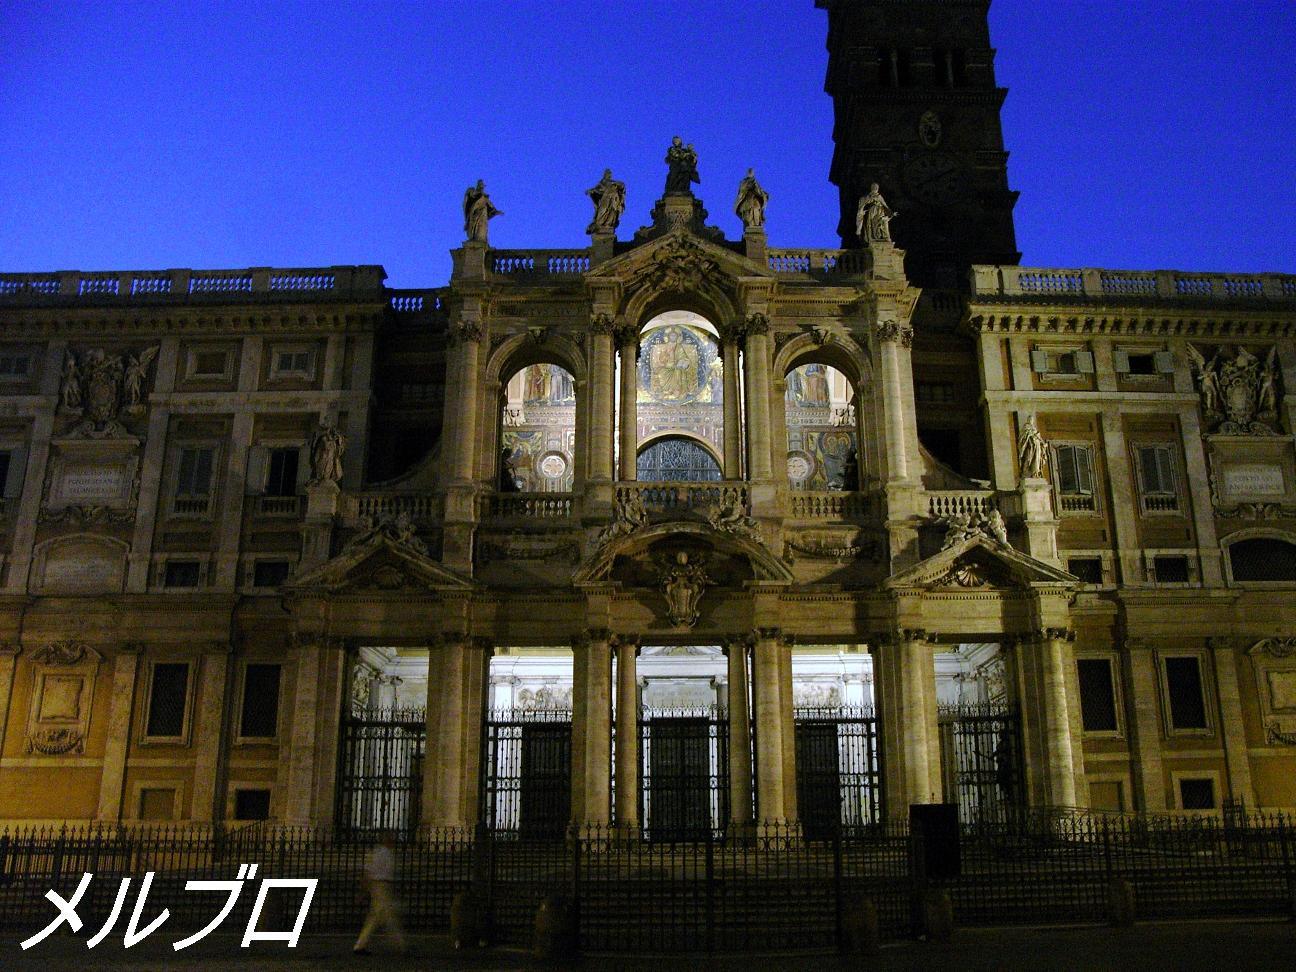 夜のマッジョーレ教会